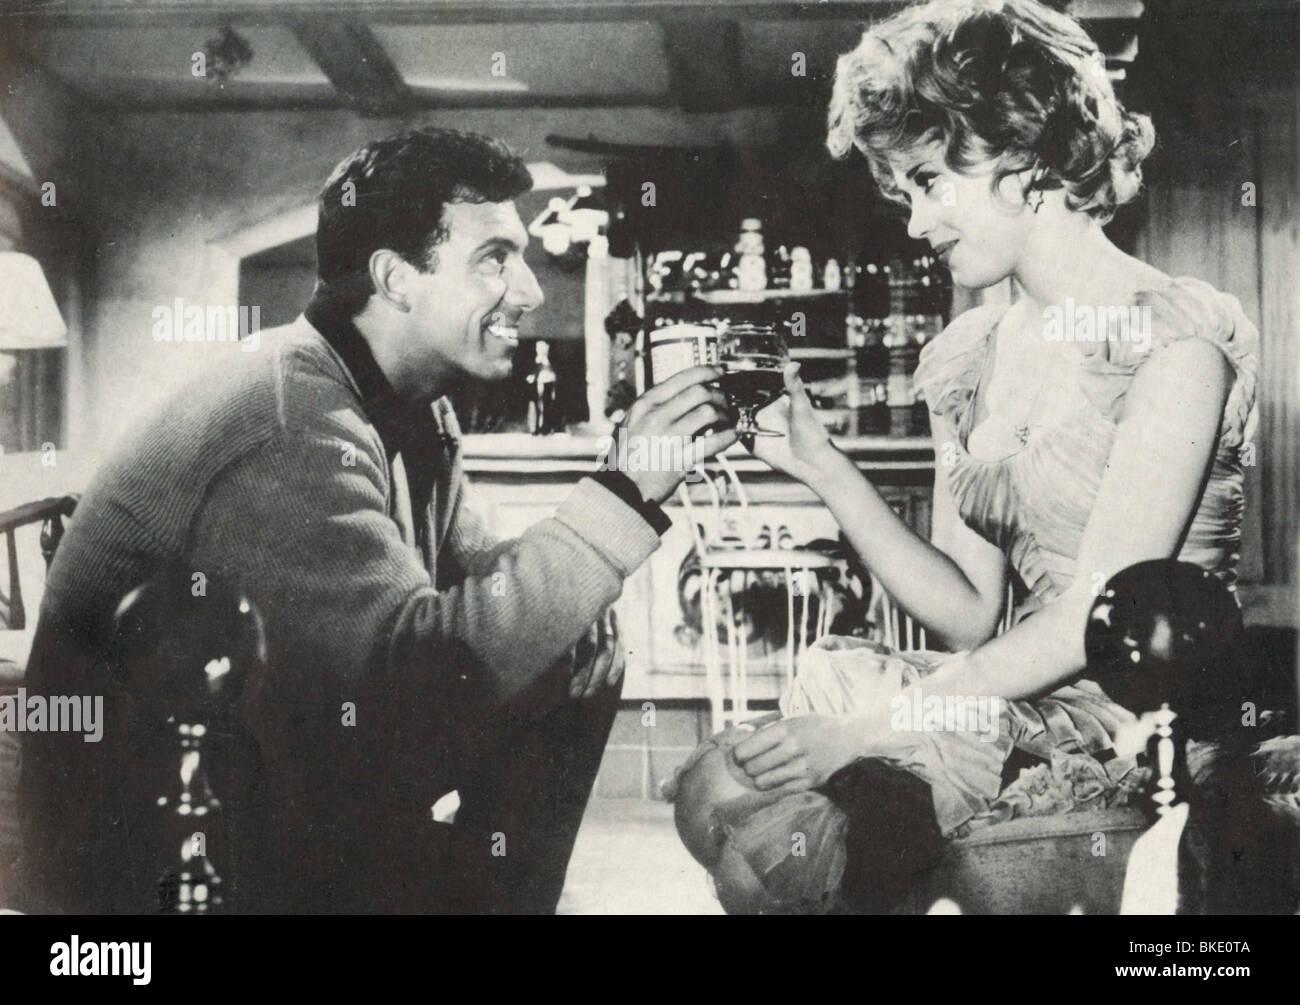 Periodo di regolazione (1962) TONY FRANCIOSA, Jane Fonda POFA 002FOH Immagini Stock